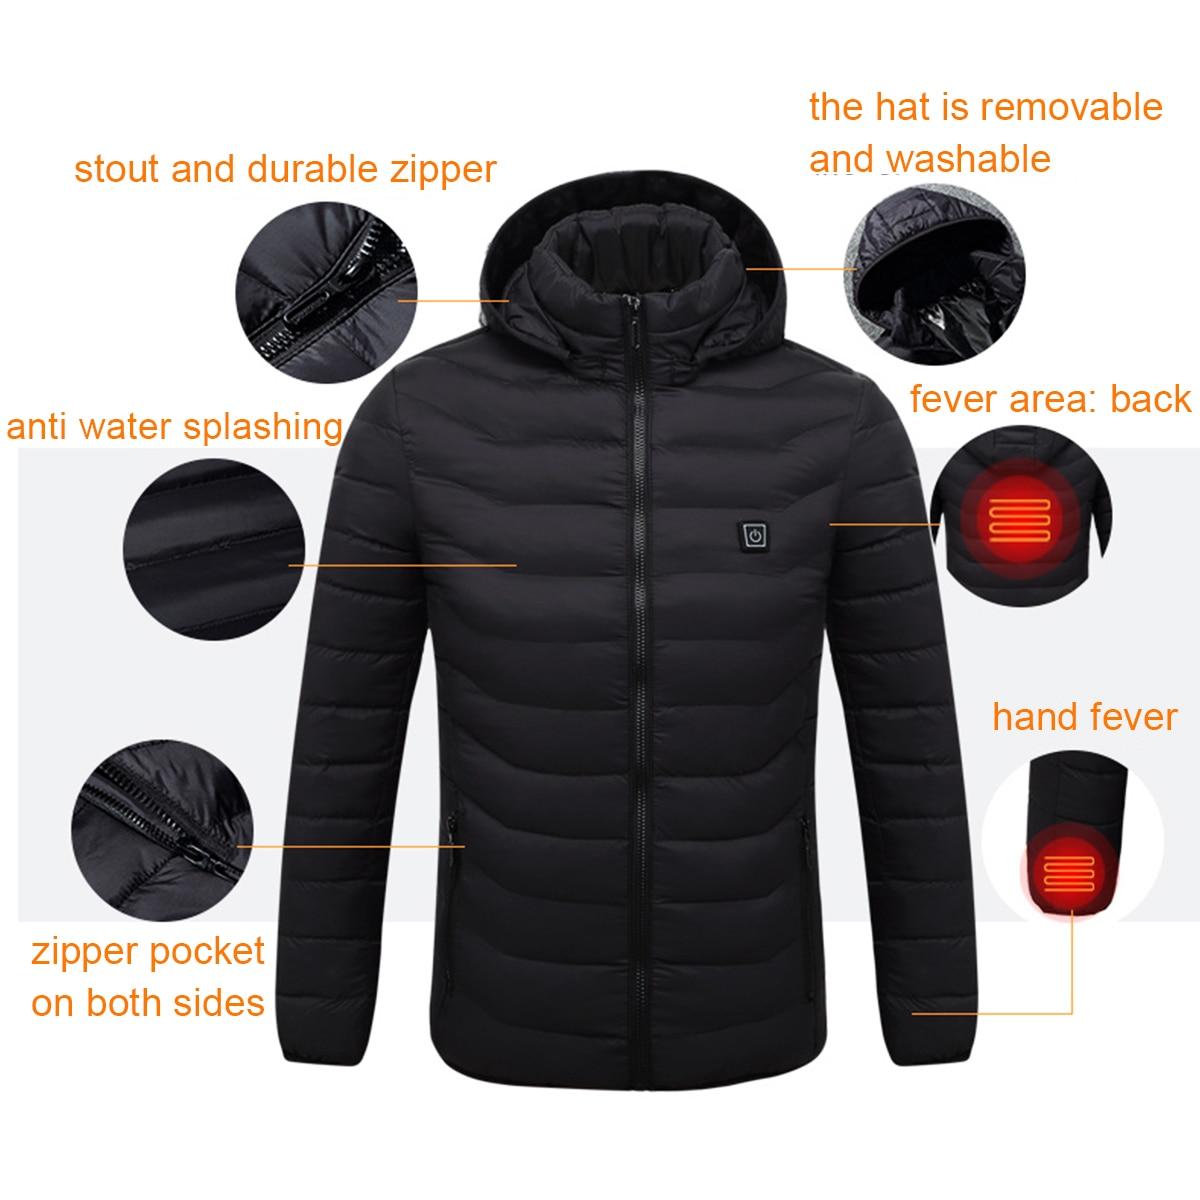 NOVA Mens Inverno Aquecido USB Com Capuz Casacos Jaqueta de Trabalho Vestuário de Segurança de Controle de Temperatura Ajustável